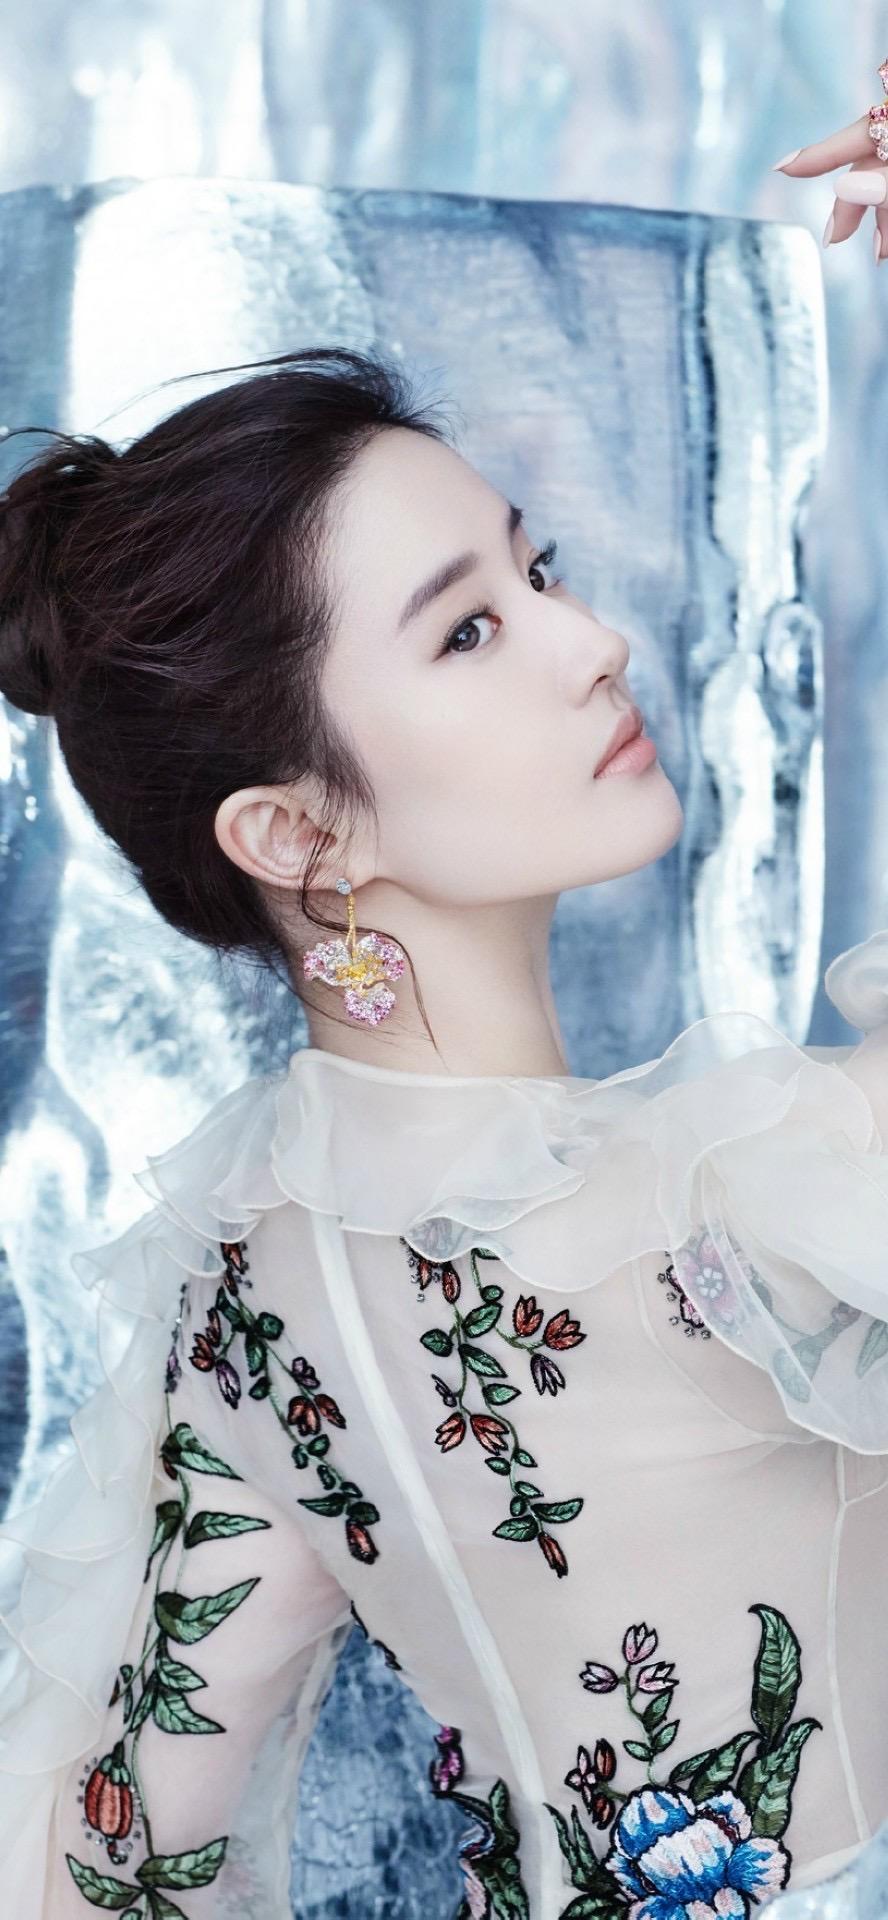 刘亦菲时尚小仙女手机壁纸